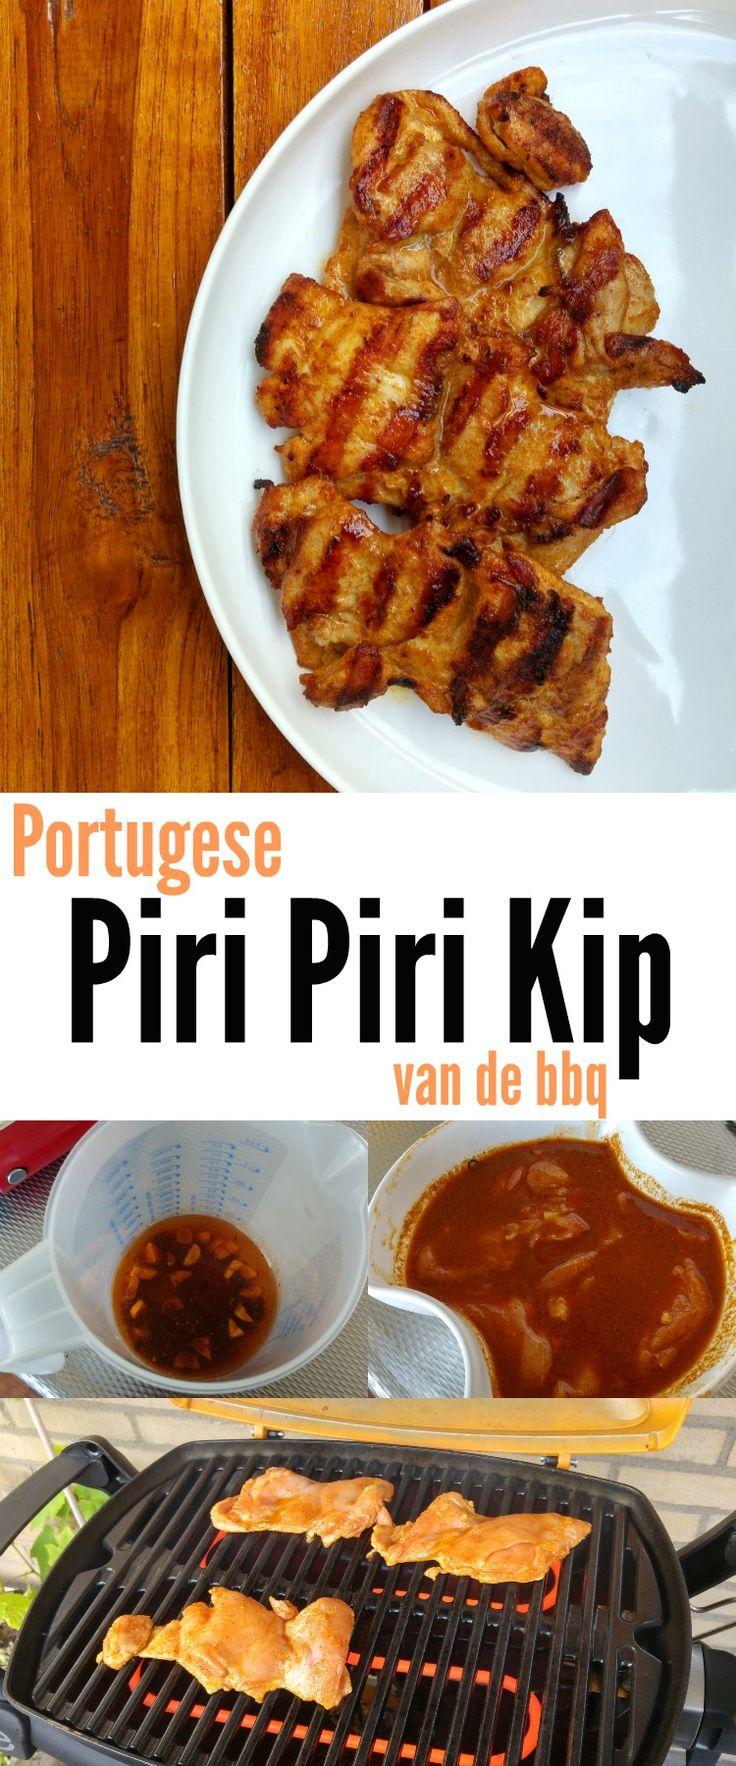 Ook zo dol op Portugese Piri Piri Kip maar heb je het nog nooit zelf gemaakt? Dan wordt dat de hoogste tijd want het is echt een fluitje van een cent! :D